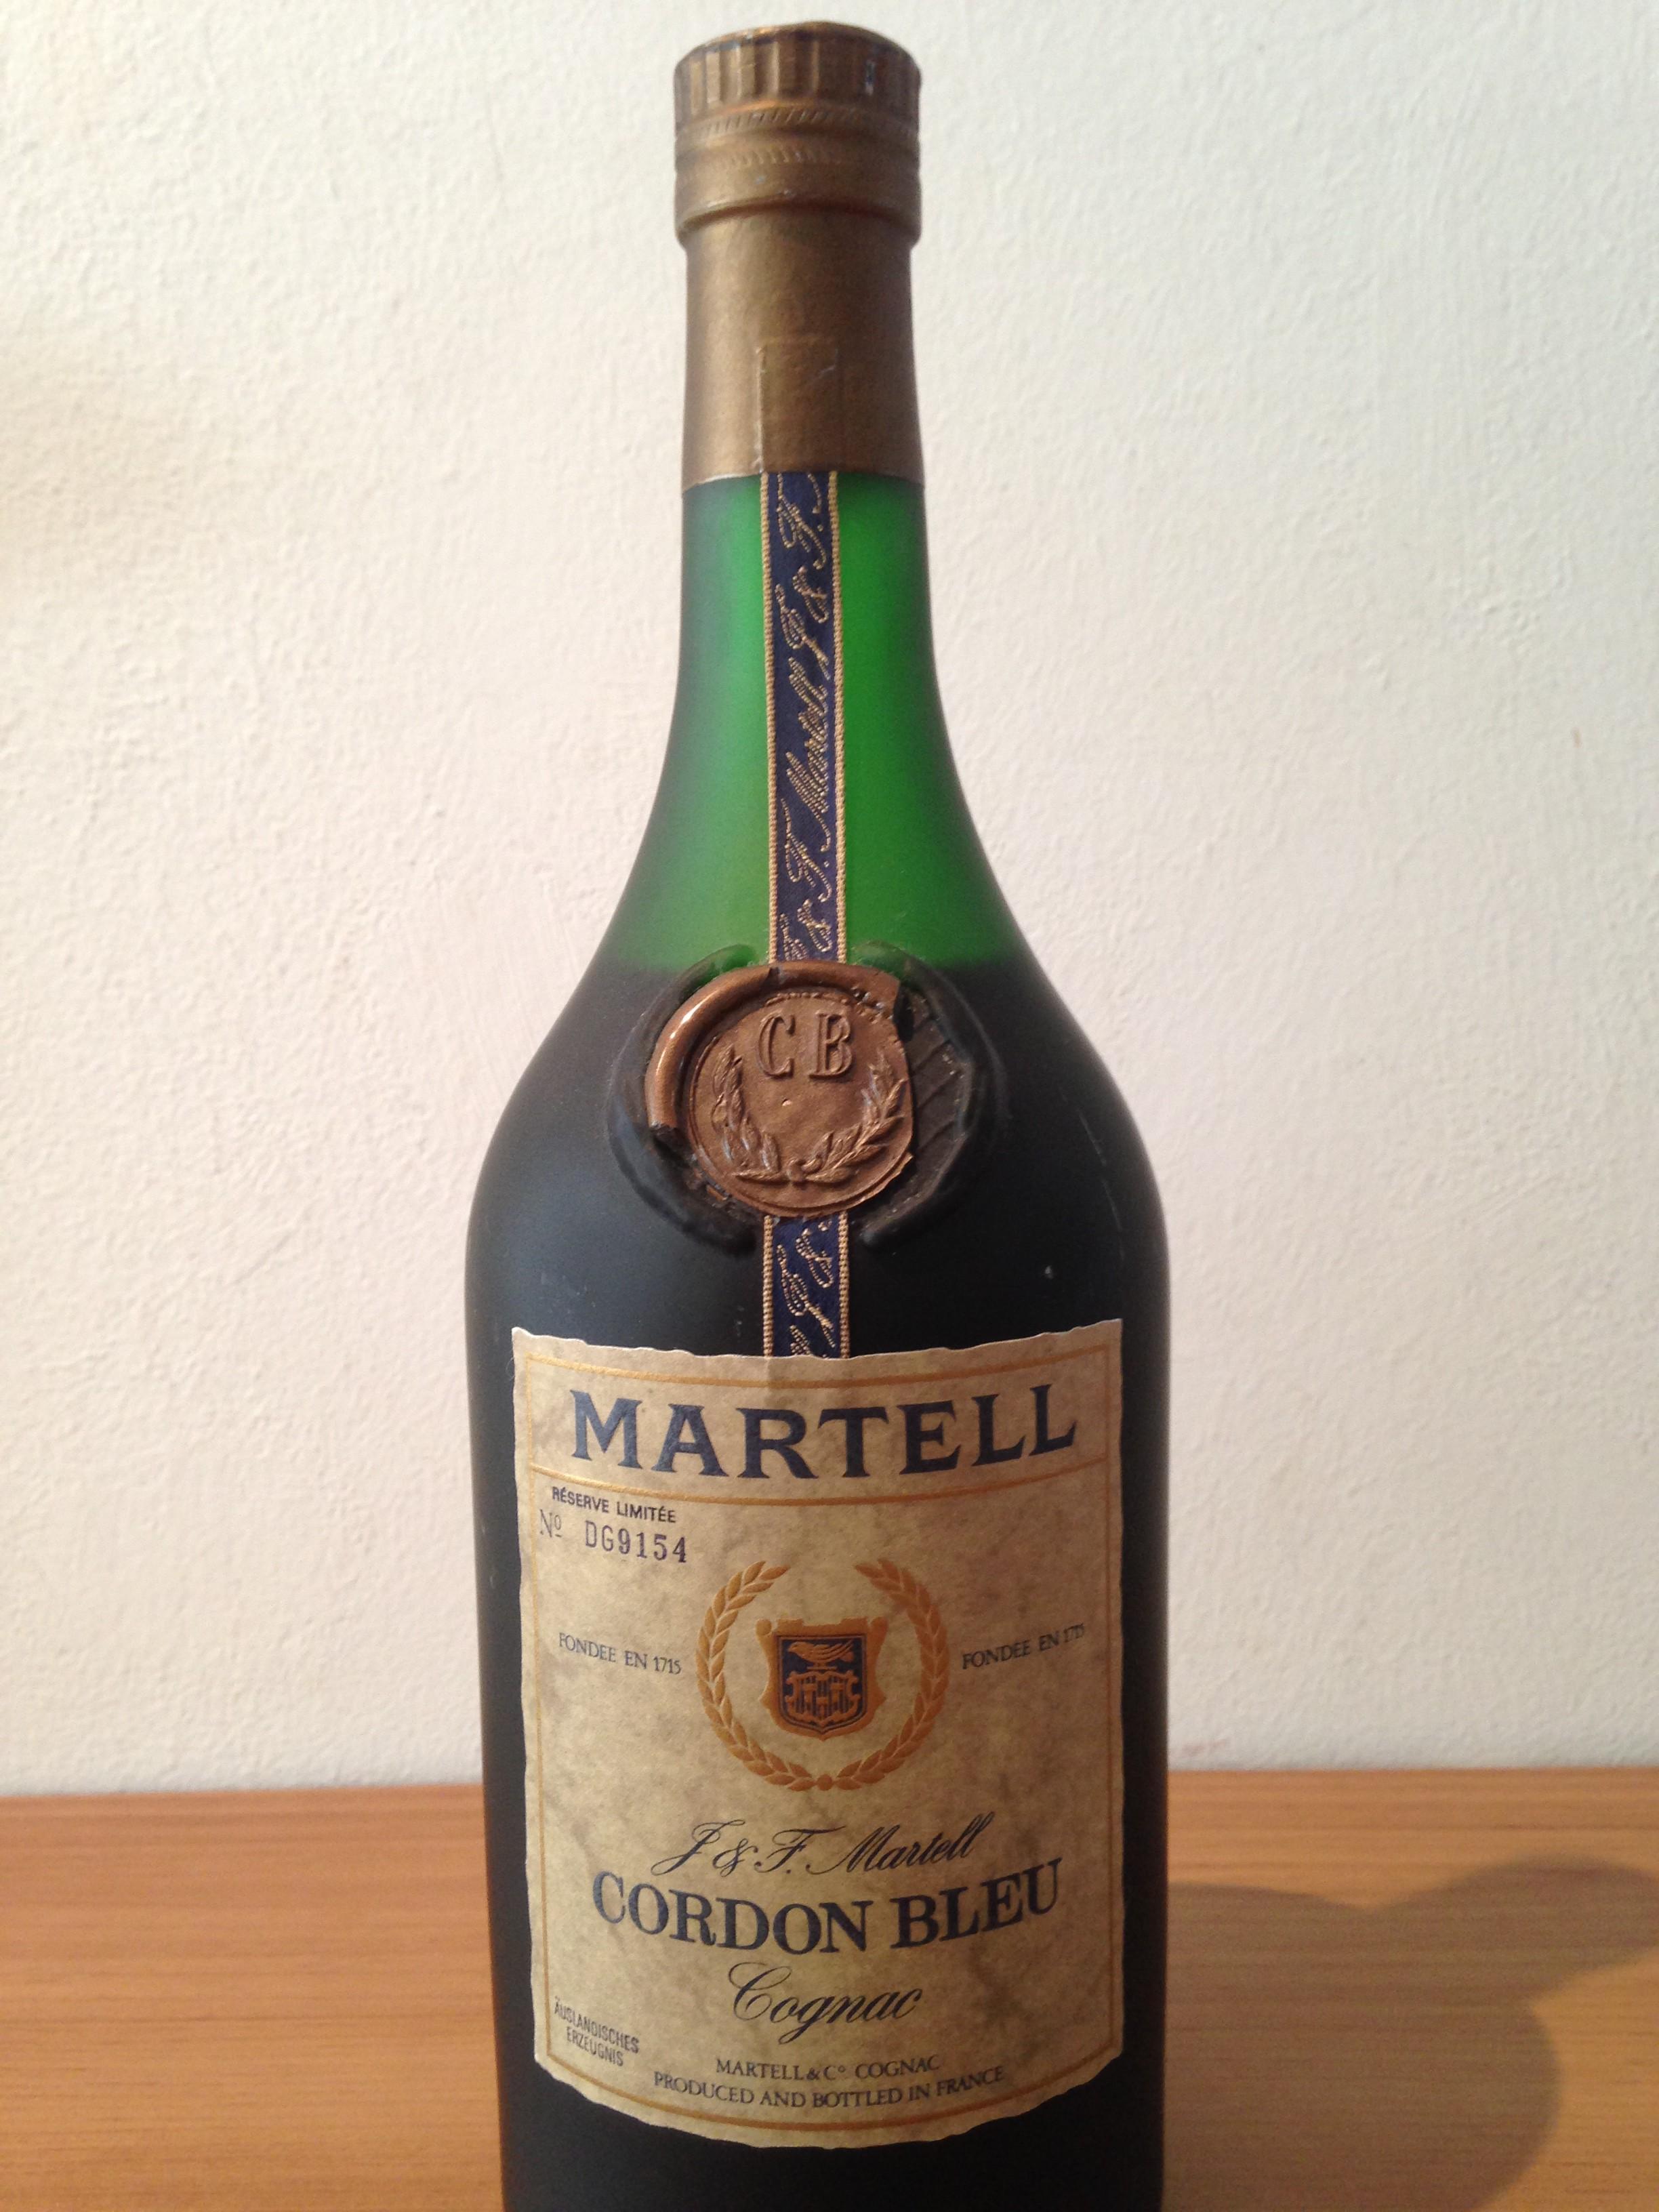 Martell Cordom Bleu